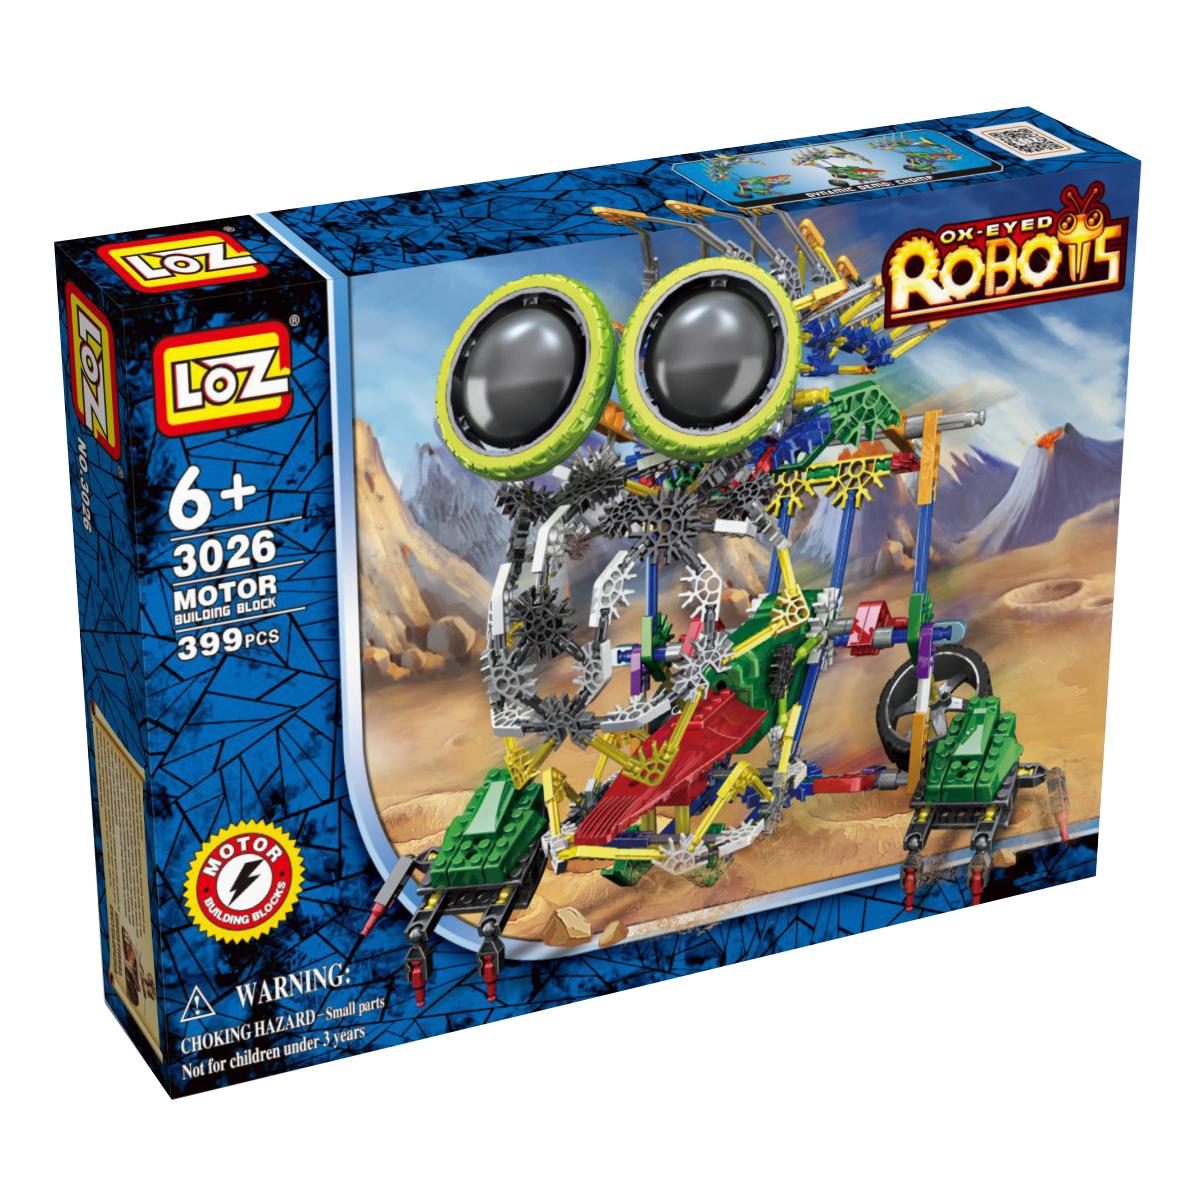 Loz Конструктор iRobot МегаЛап3026Электромеханический конструктор iRobot. Серия: Роботы. МегаЛап будет замечательным подарком для Вашего ребенка. С помощью моторчика робот уверенно передвигается. Такая игрушка хорошо влияет на развитие у ребенка мелкой моторики, логического мышления, внимательности и усидчивости. Конструкторы данной серии уникальны тем, что малыш может играть получившейся игрушкой. Для работы моторчика нужны две батарейки типа АА (в комплект не входят). В набор входит 399 деталей конструктора и подробная инструкция. Рекомендовано для детей от 6-ти лет.